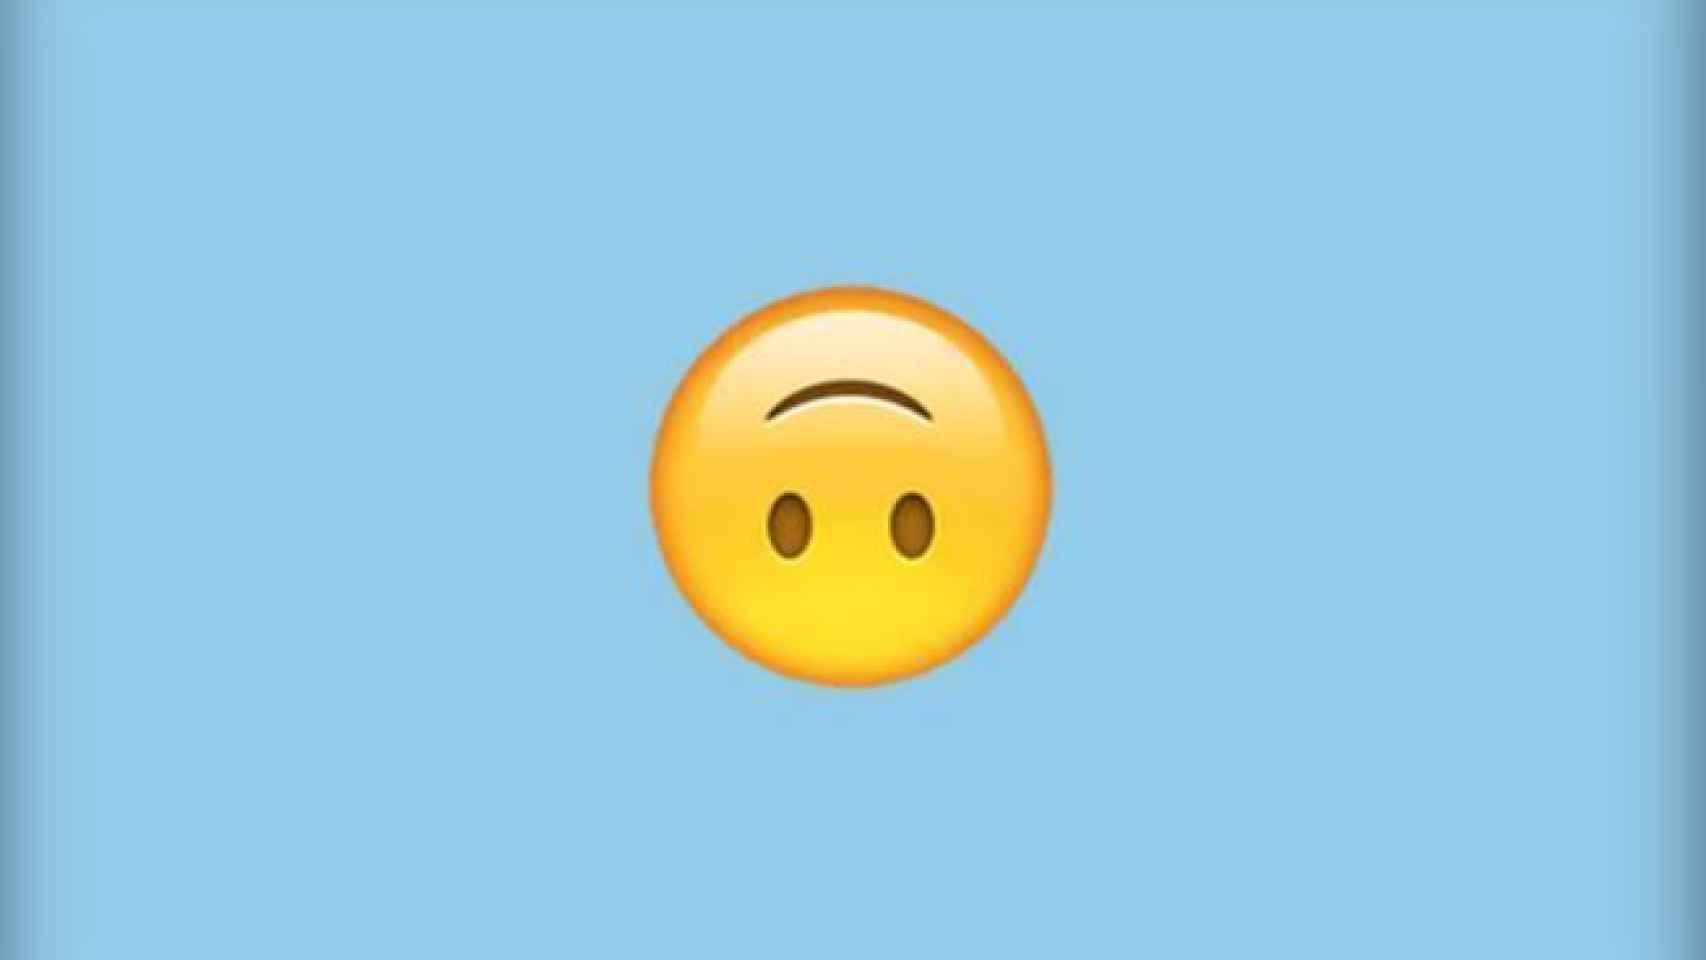 Busca en tu smartphone la cara sonriente al revés.